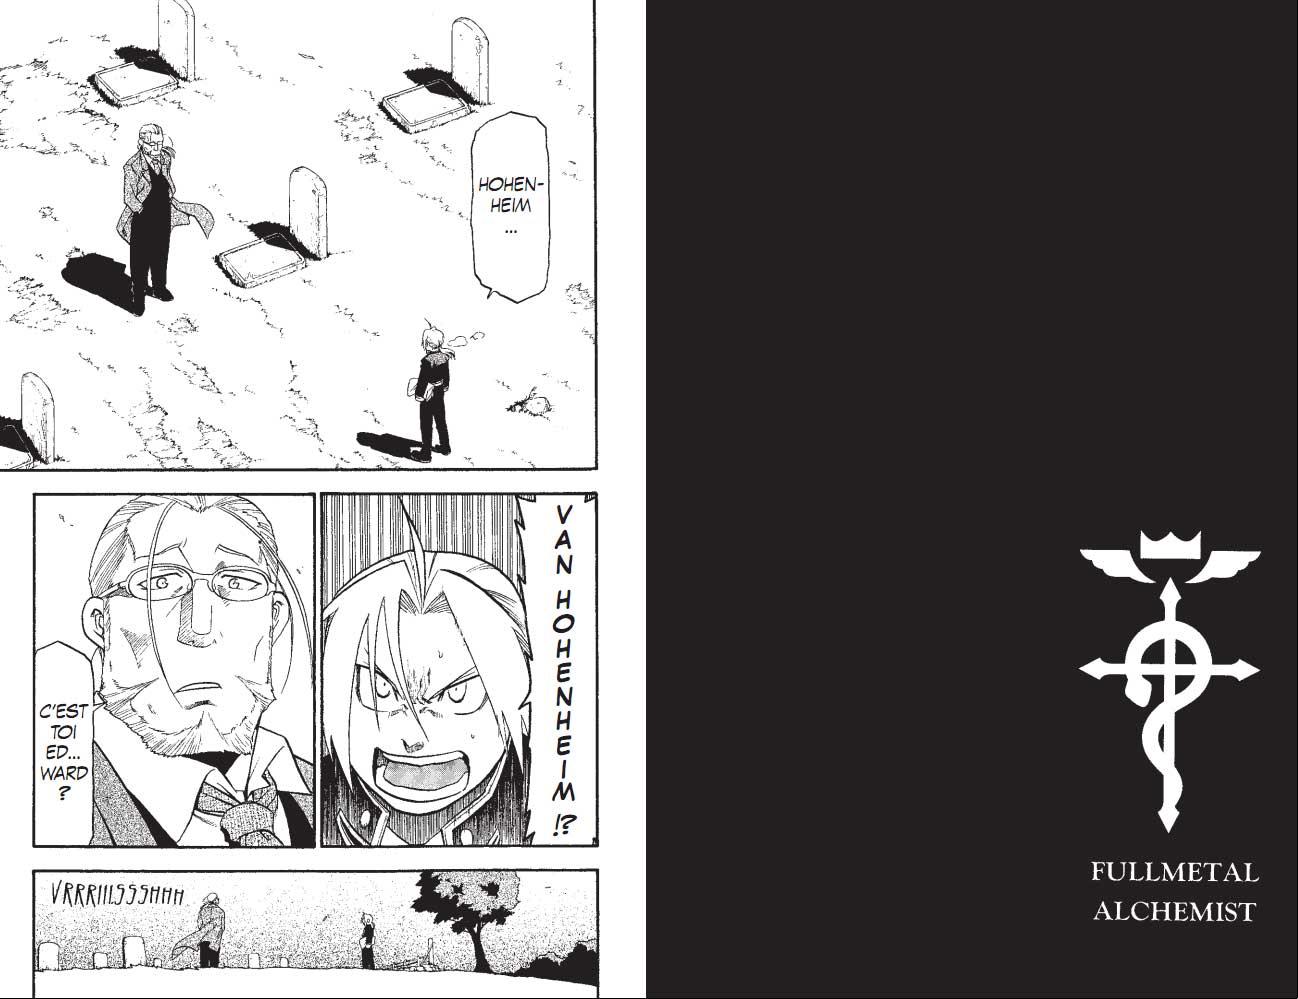 Full Metal Alchemist T11 Page 3